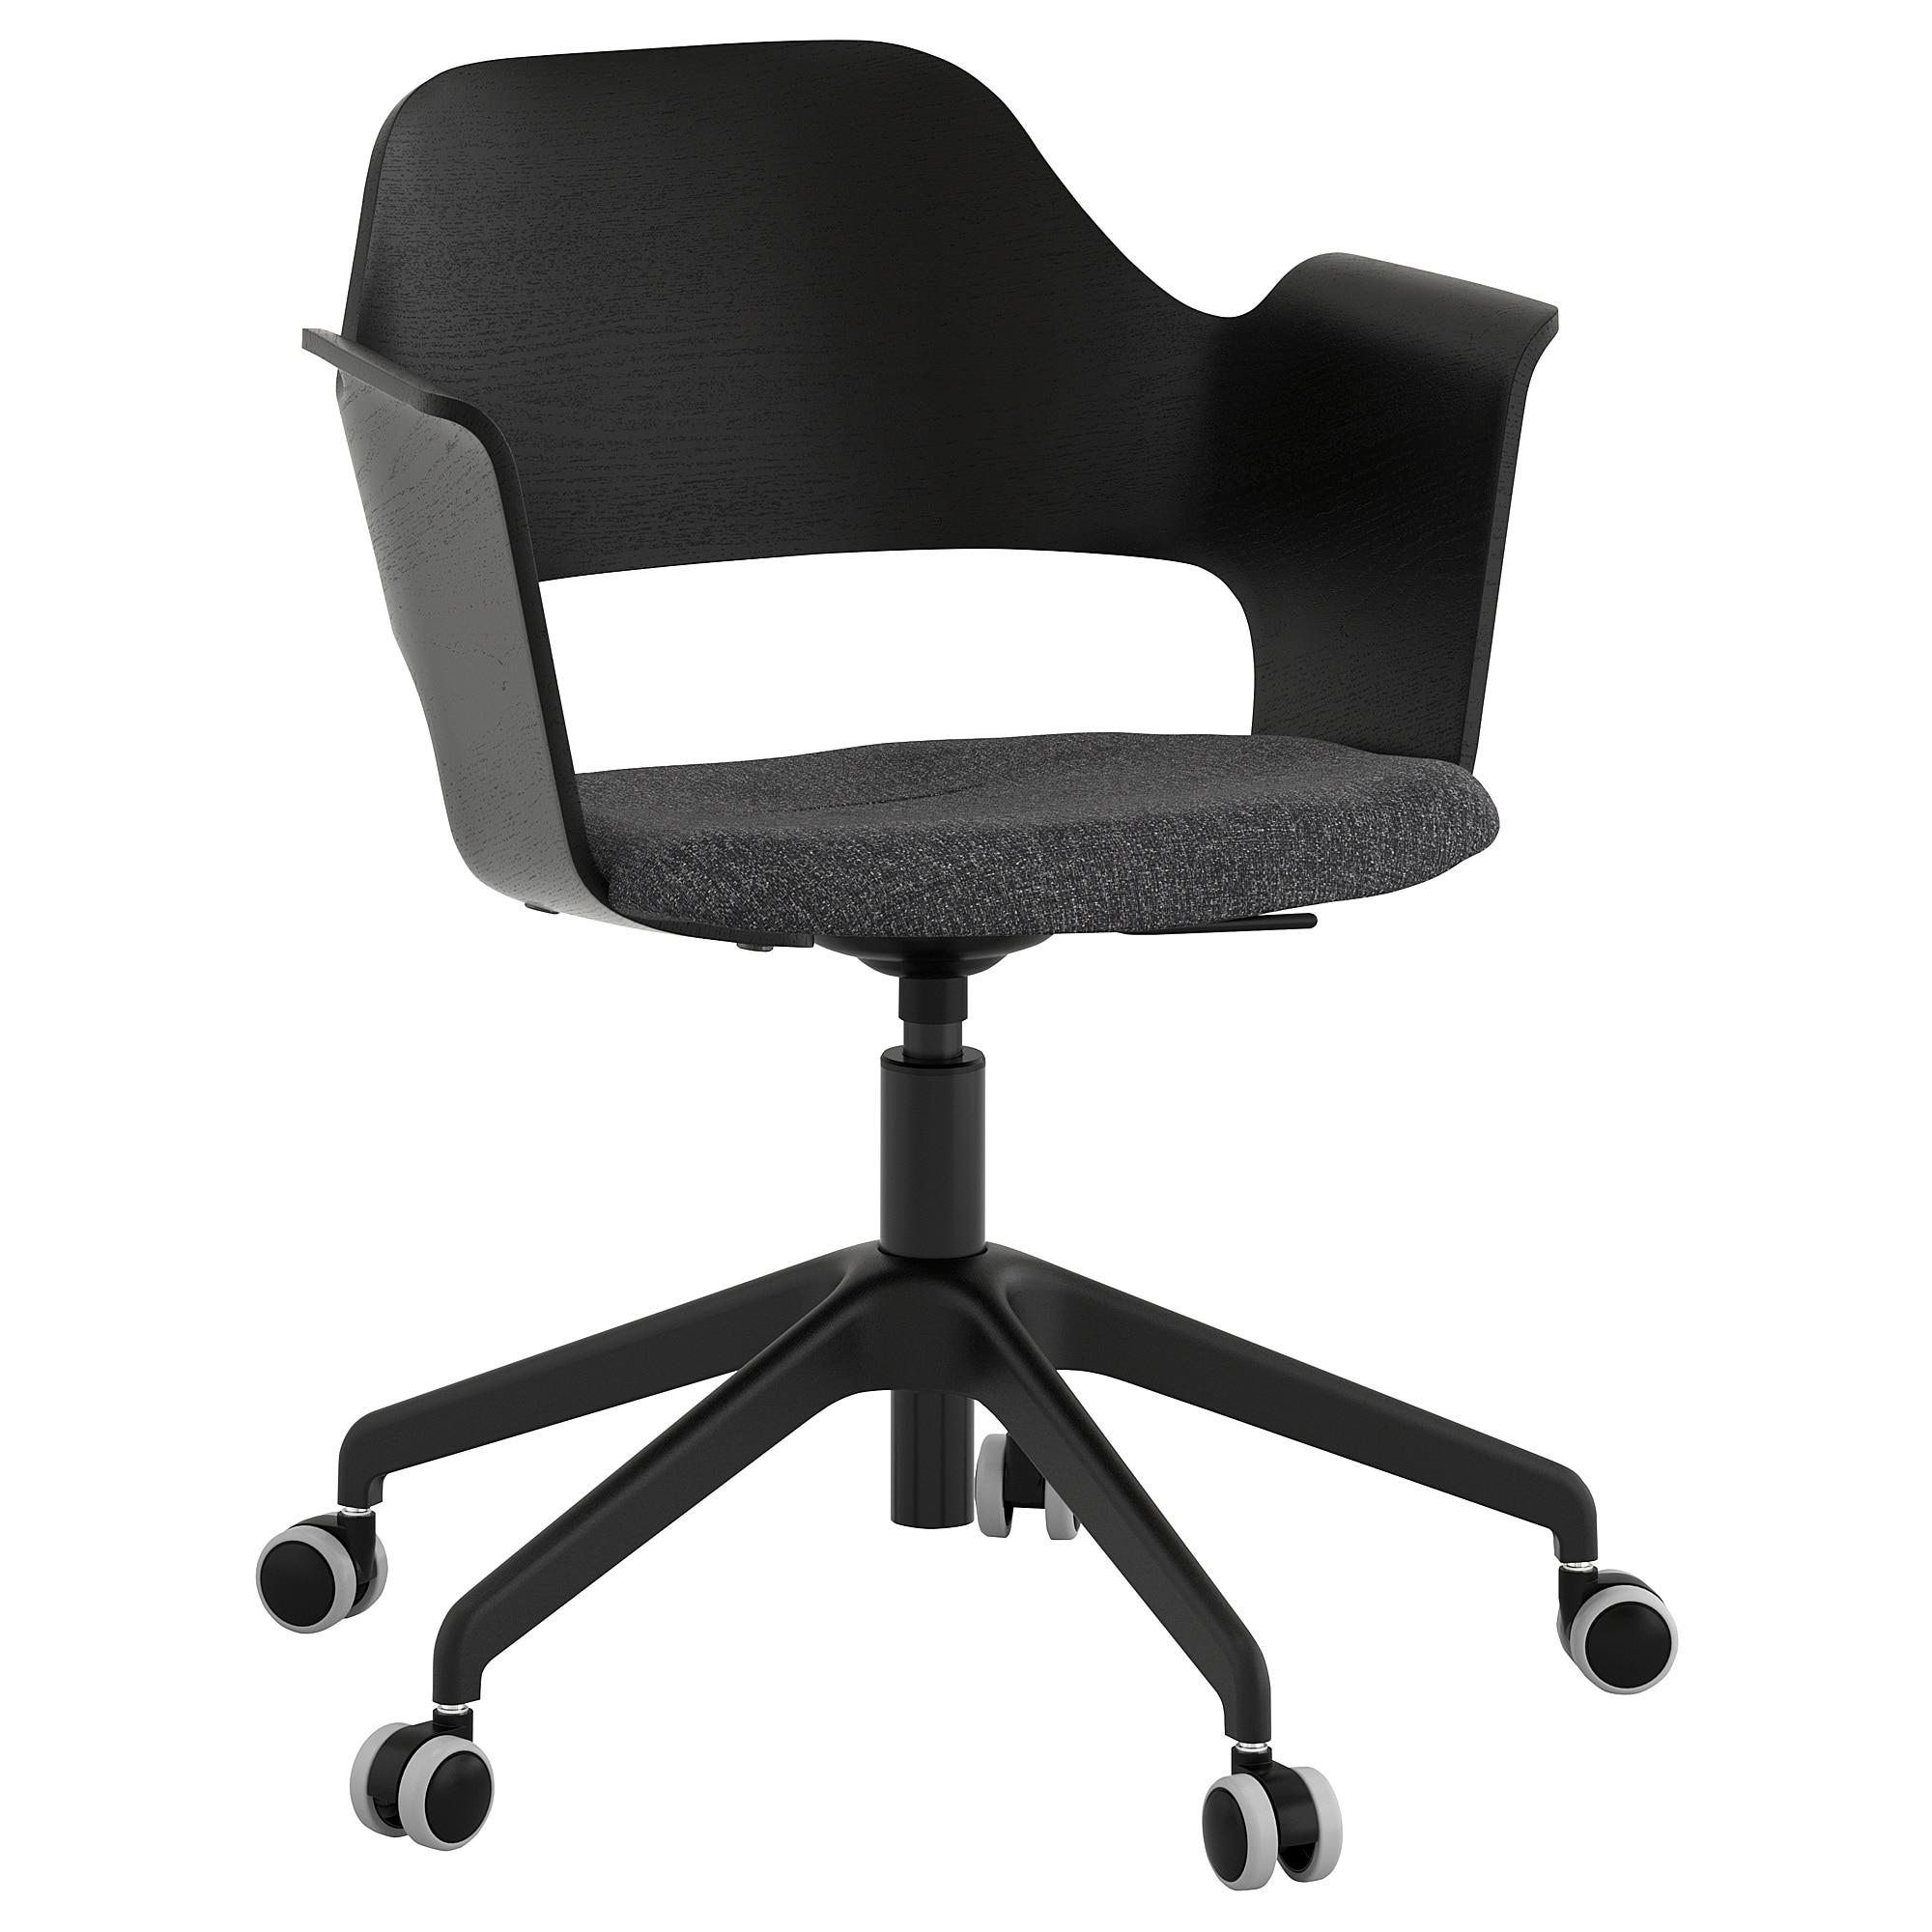 Sillas Despacho Ikea Tqd3 Sillas De Oficina Y Sillas De Trabajo Pra Online Ikea